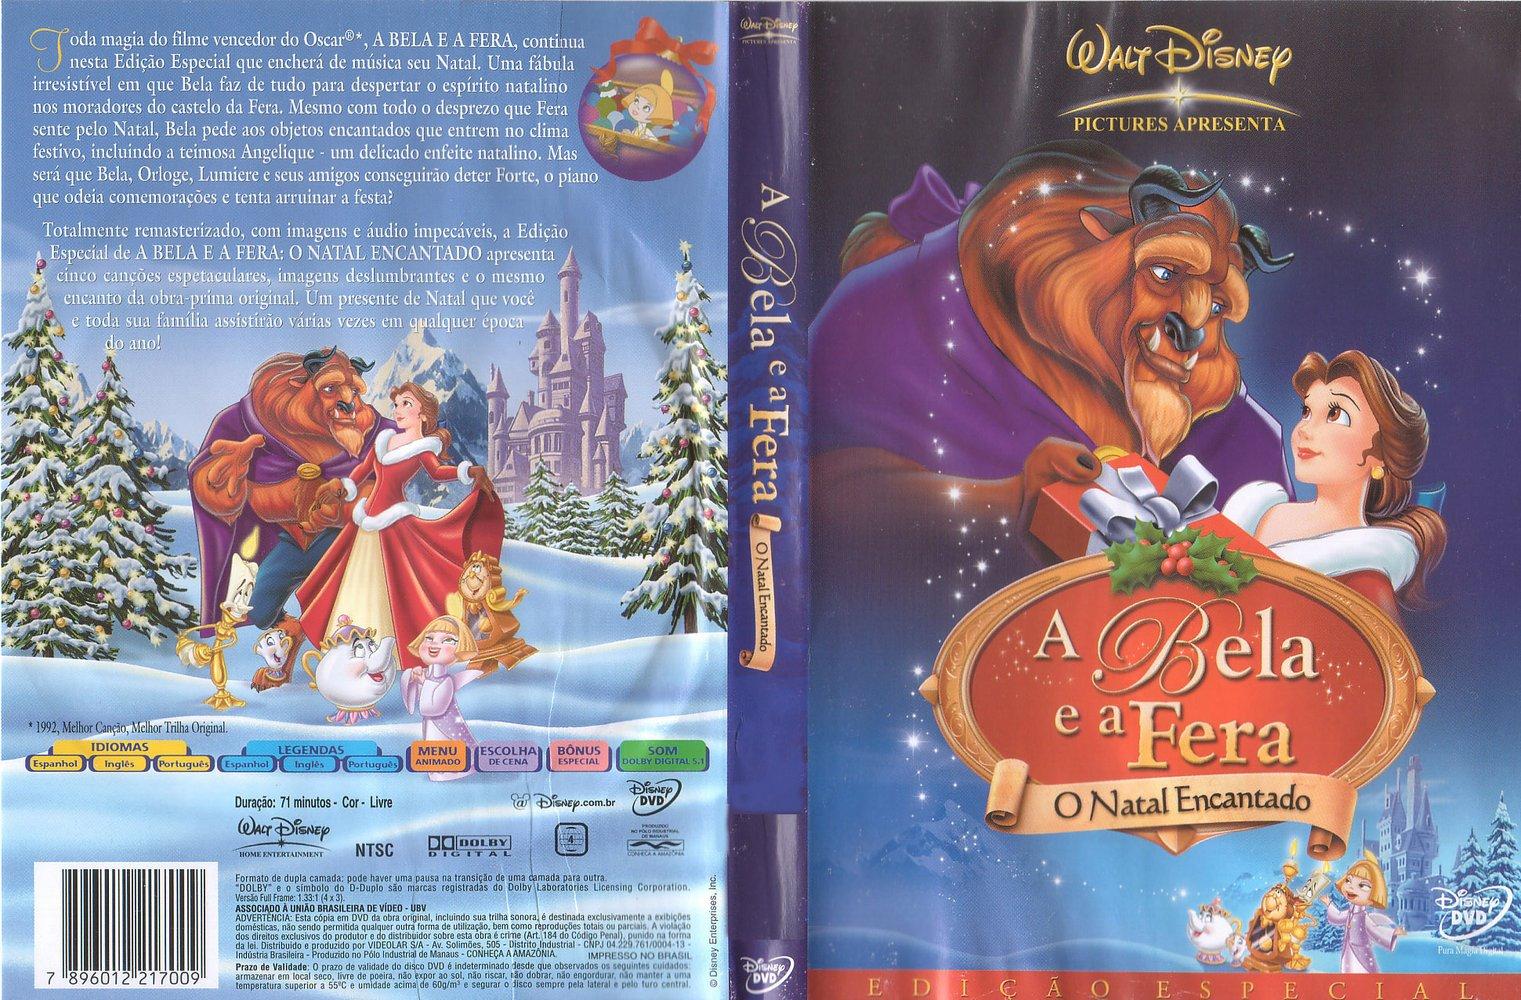 Capas Filmes Animação: A Bela e a Fera - O Natal Encantado